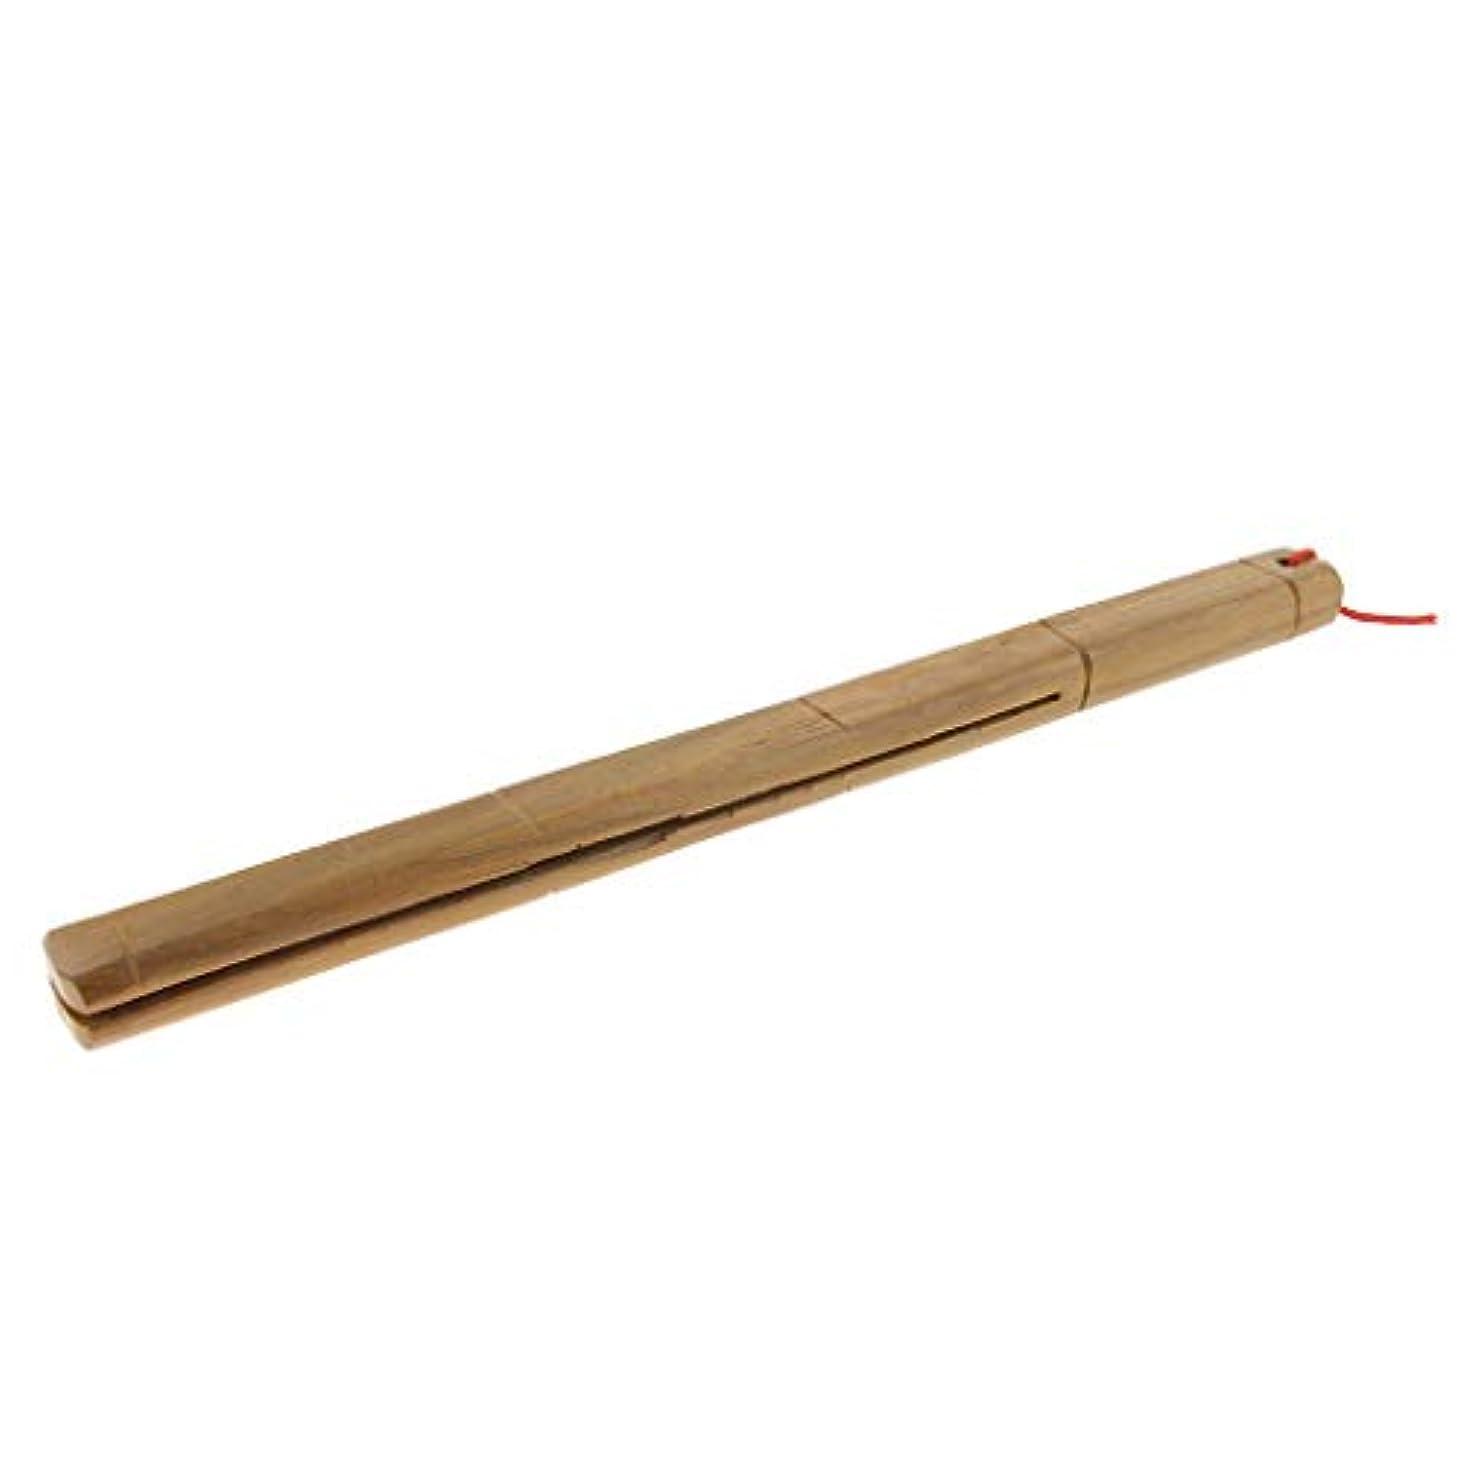 羽錆び診断するBaoblaze 木製マッサージャー ロングハンドル リラックス